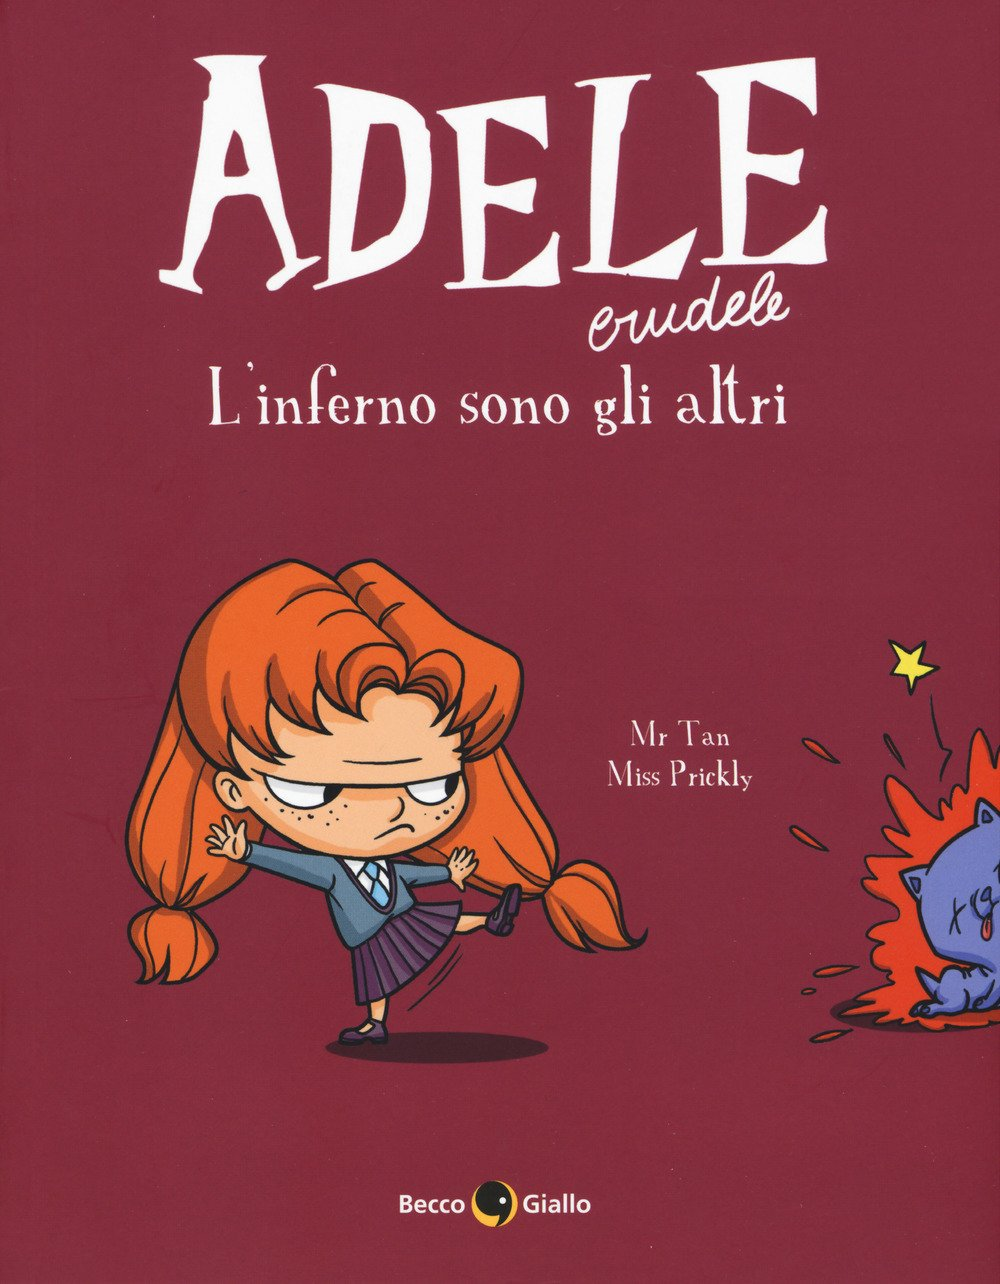 Adele Crudele - L'inferno sono gli altri